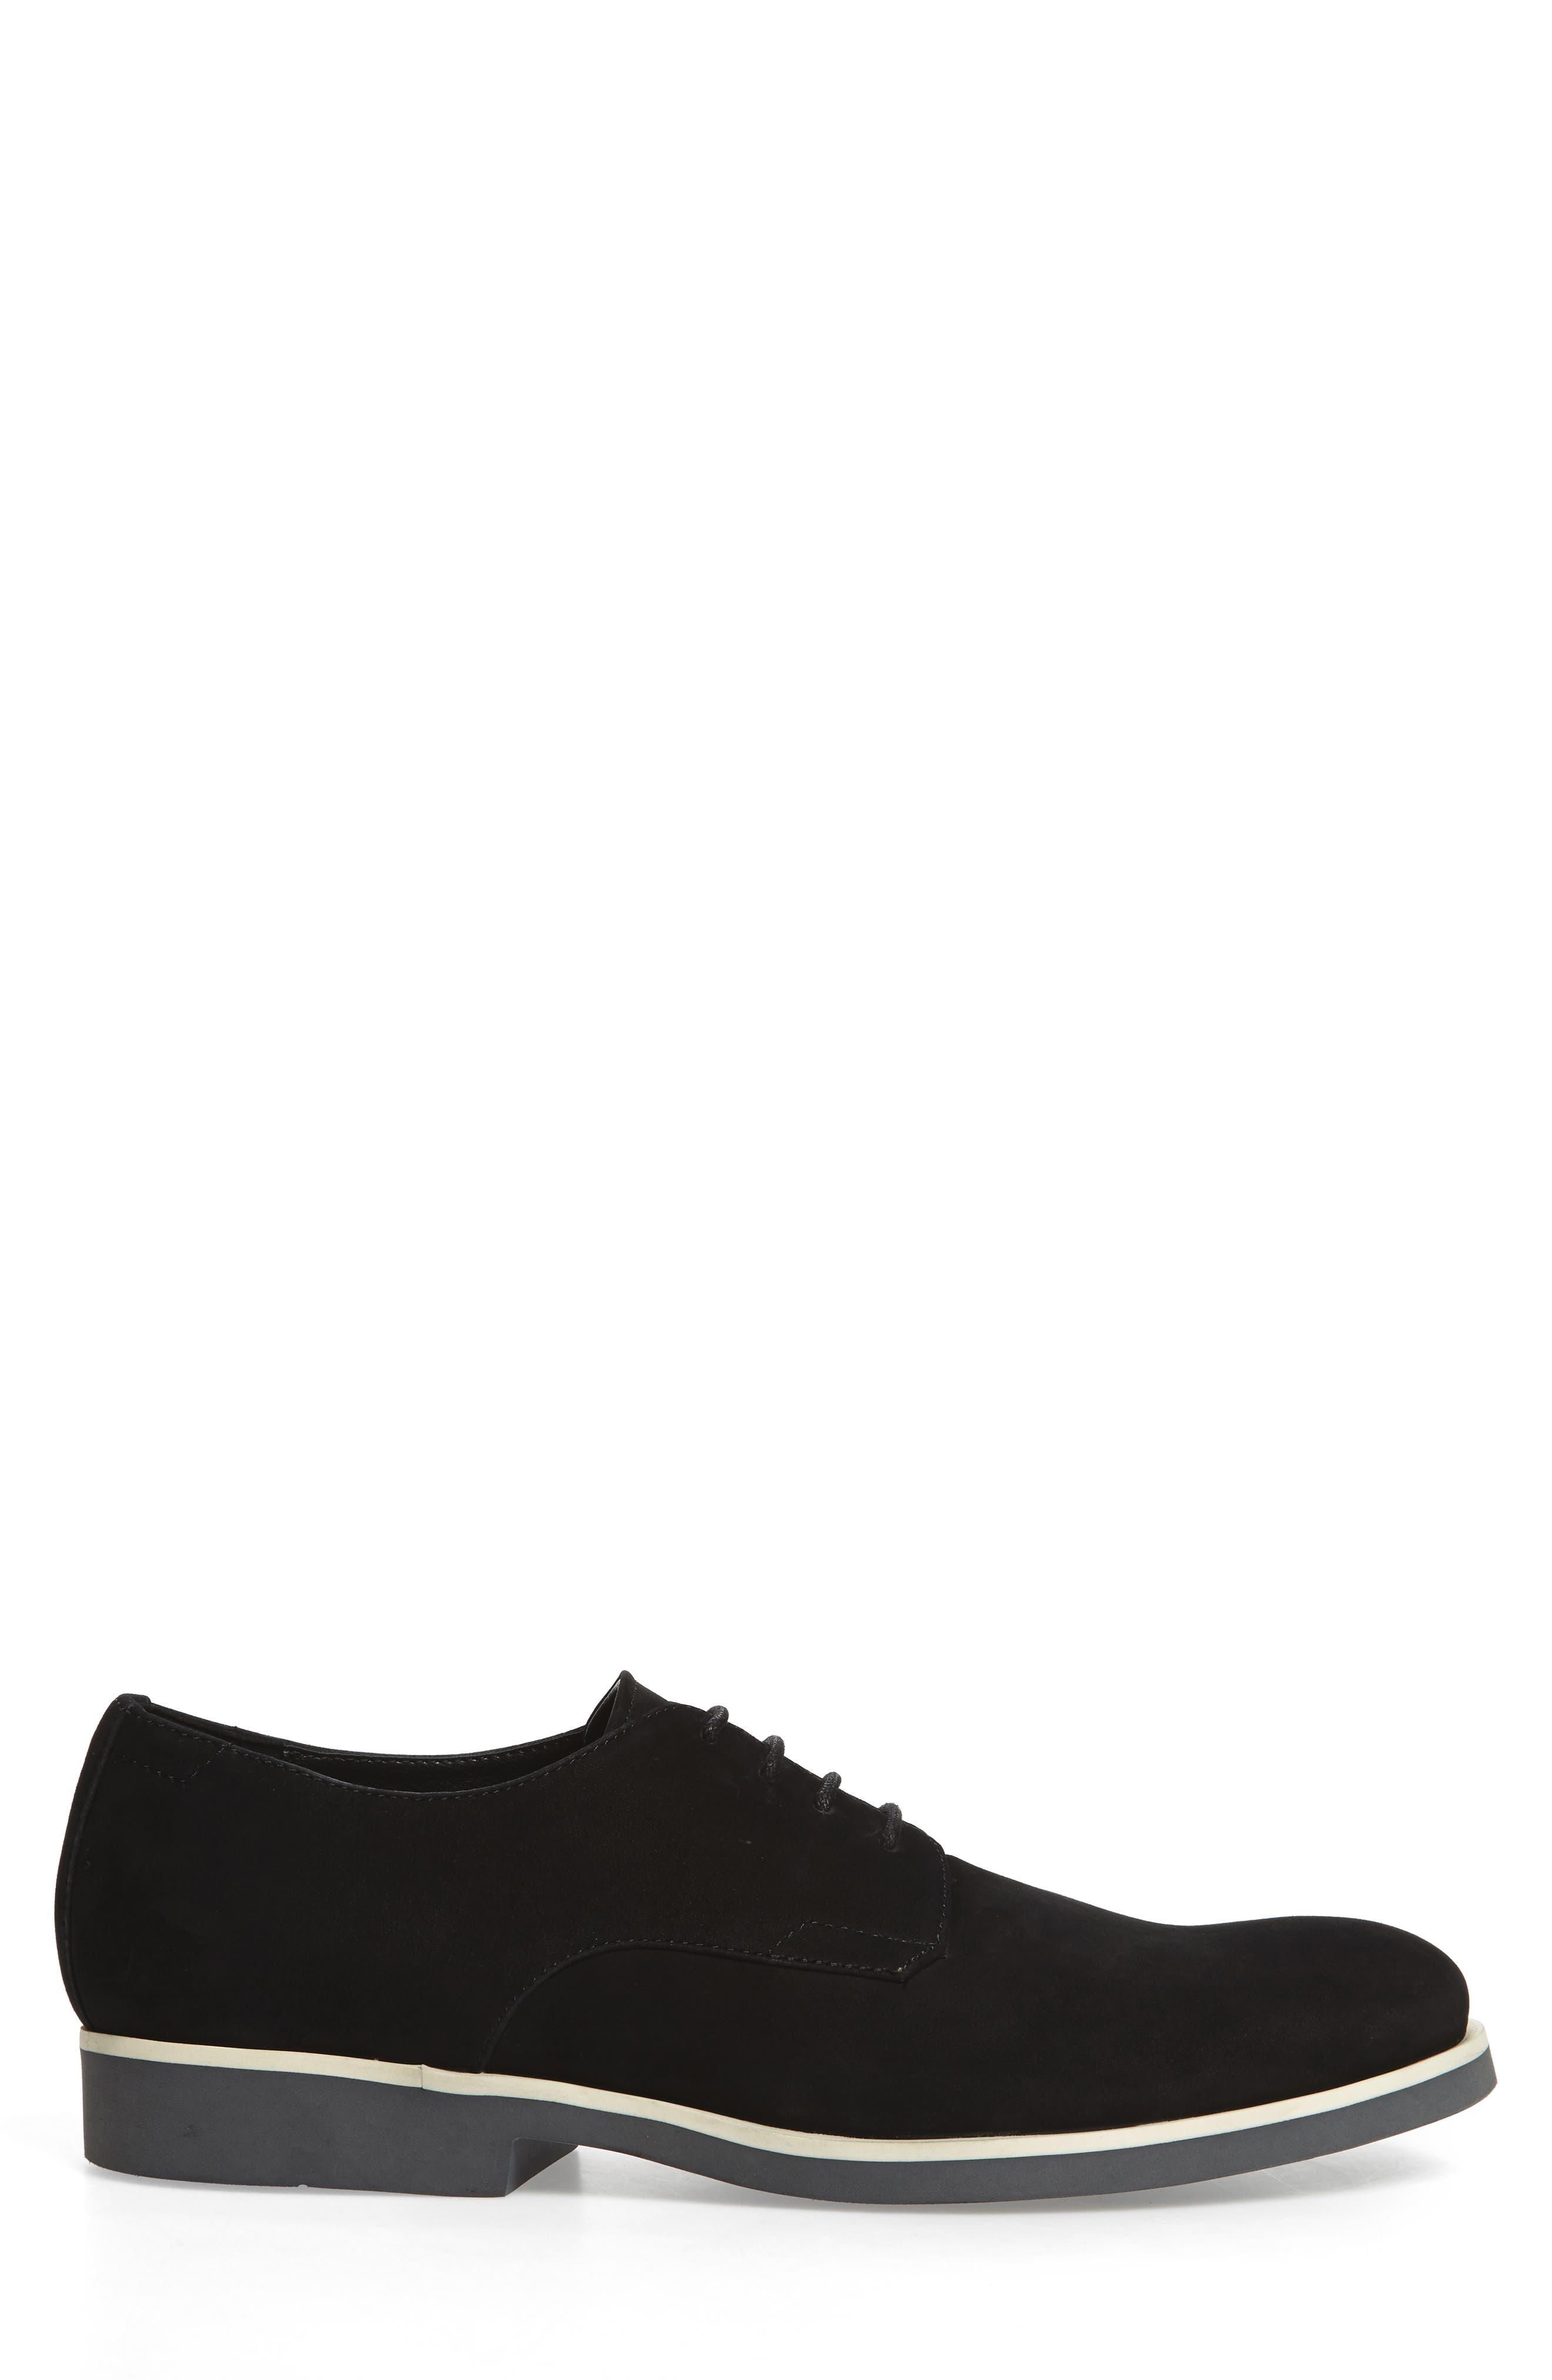 Faustino Plain-Toe Oxford,                             Alternate thumbnail 3, color,                             Black Leather